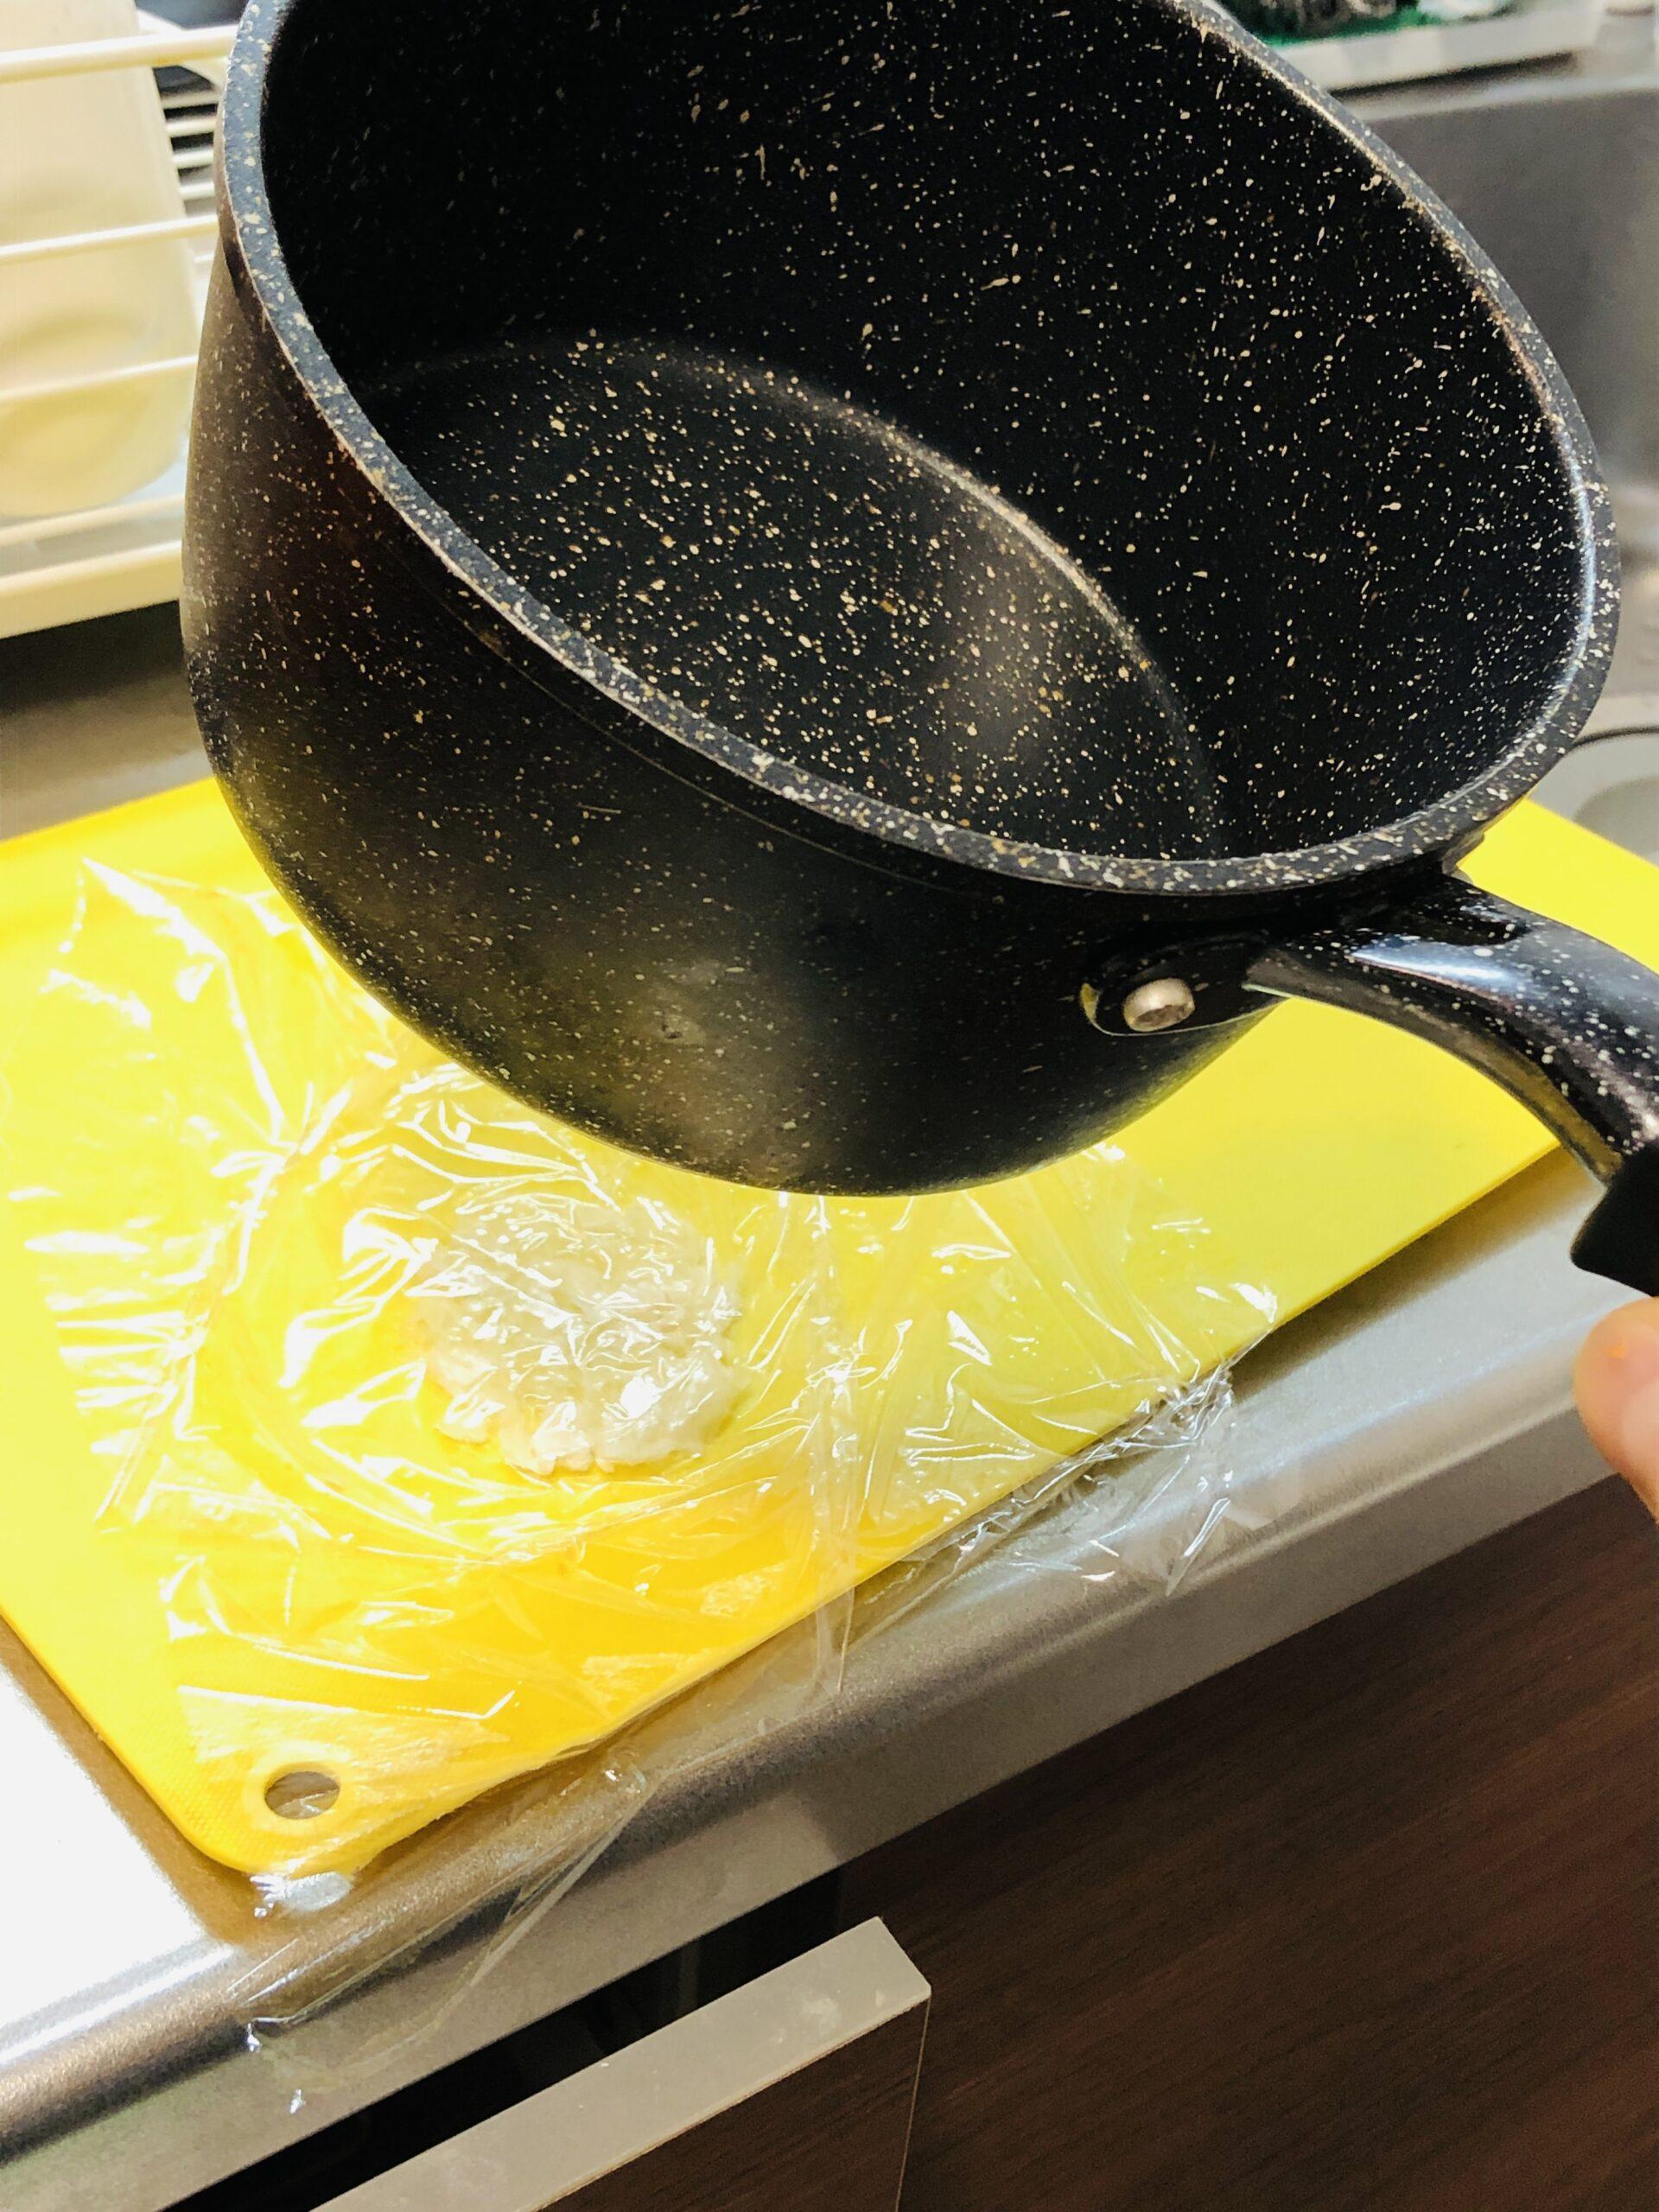 ラップをかぶせたニンニクを小鍋の底で叩き潰す様子の画像です